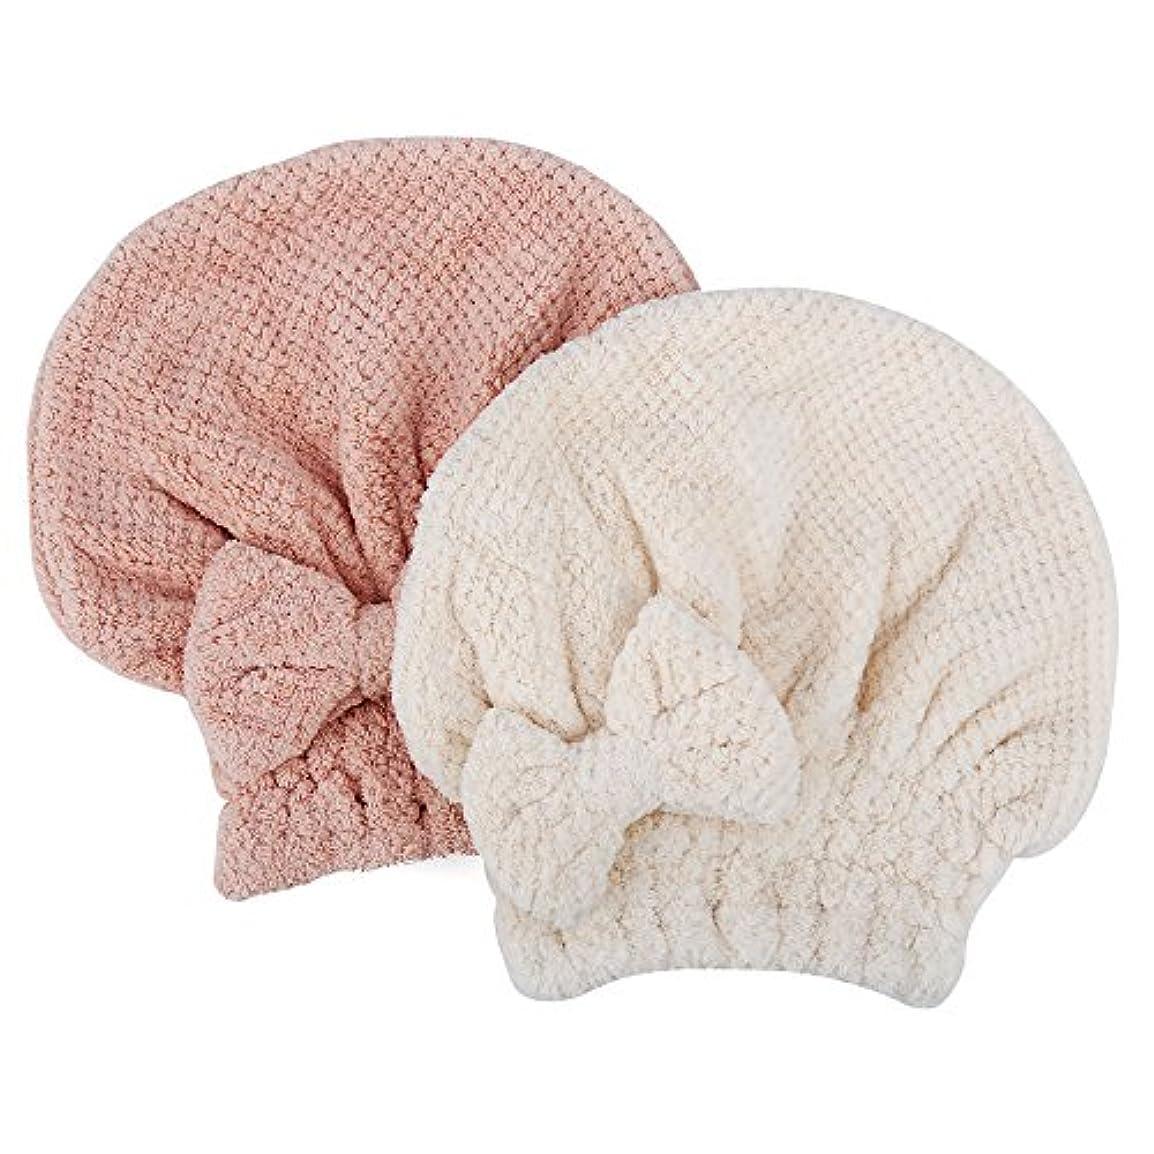 含める反論なのでKISENG タオルキャップ 2枚セット ヘアドライタオル 短髪の人向き ヘアキャップ 吸水タオル 速乾 ふわふわ お風呂 バス用品 (ピンク+ホワイト)